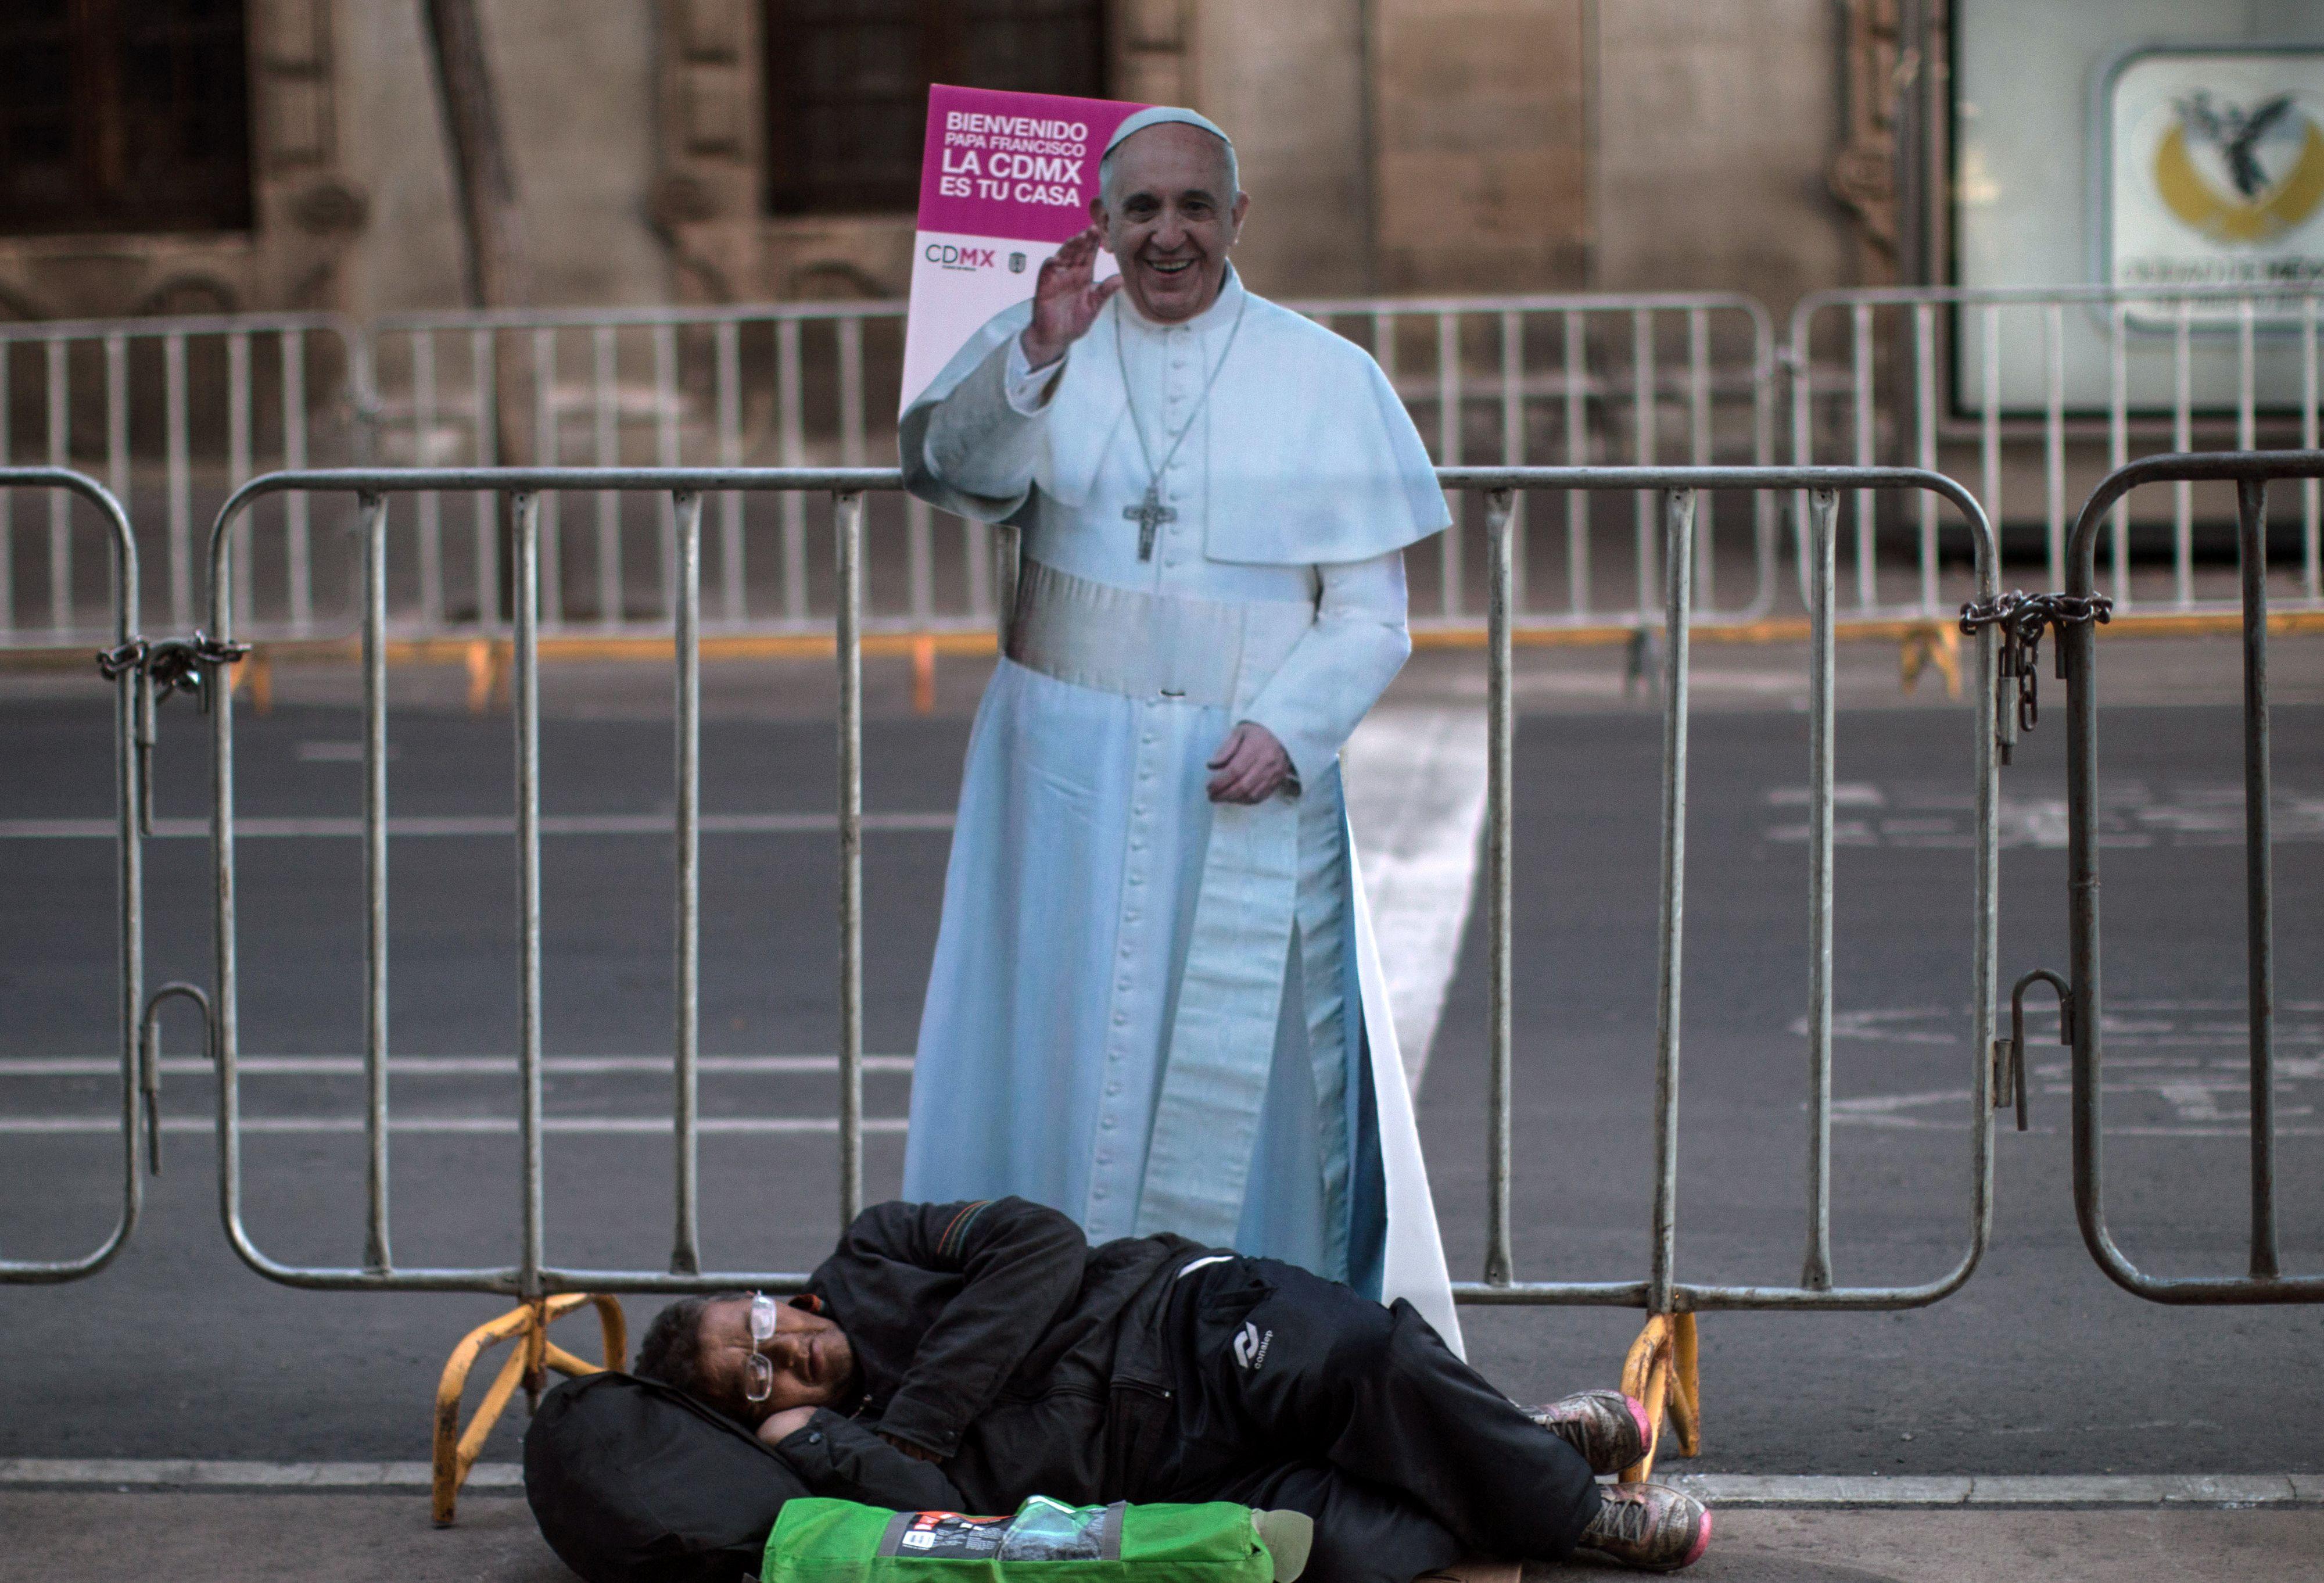 (Crédito: PEDRO PARDO/AFP/Getty Images)